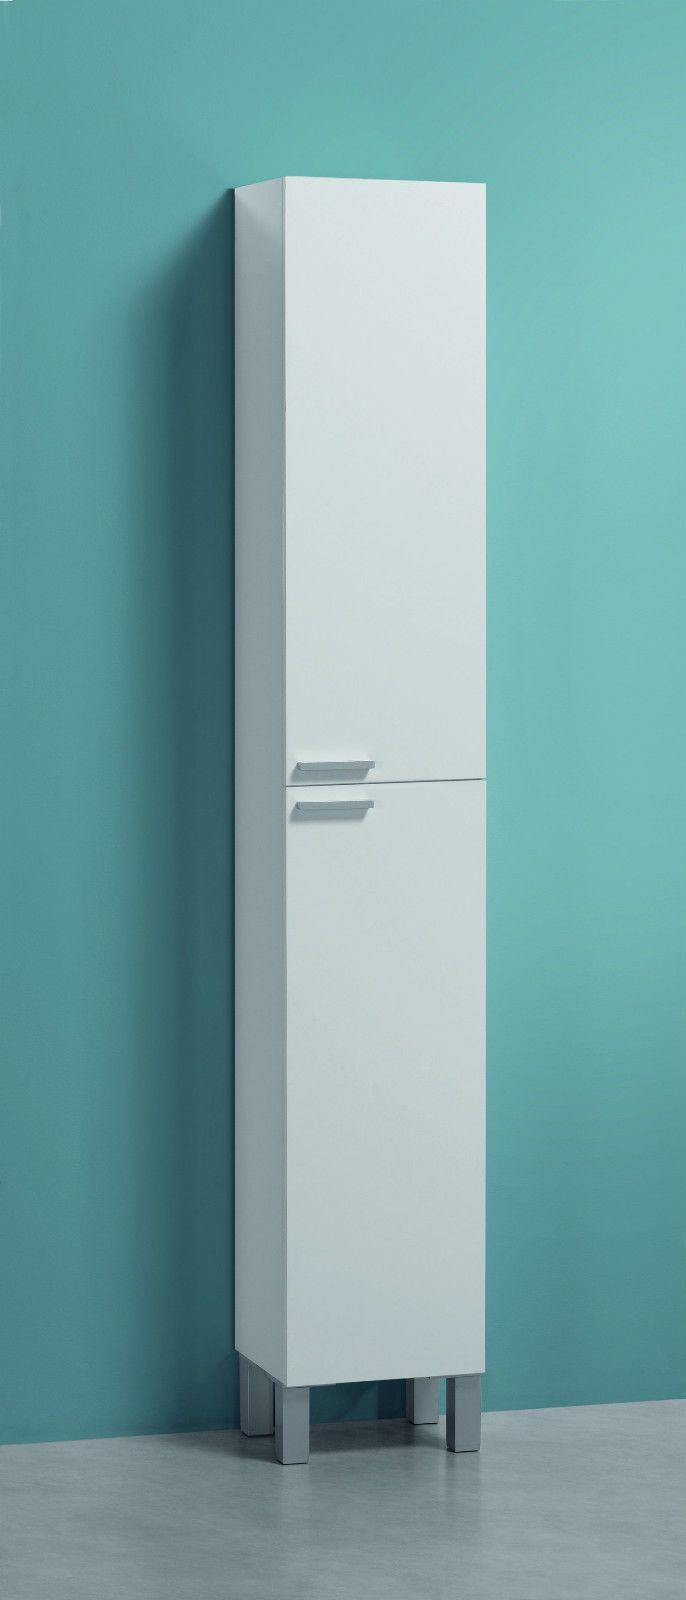 99+ Tall White Bathroom Storage Cabinet - Kitchen Shelf Display ...